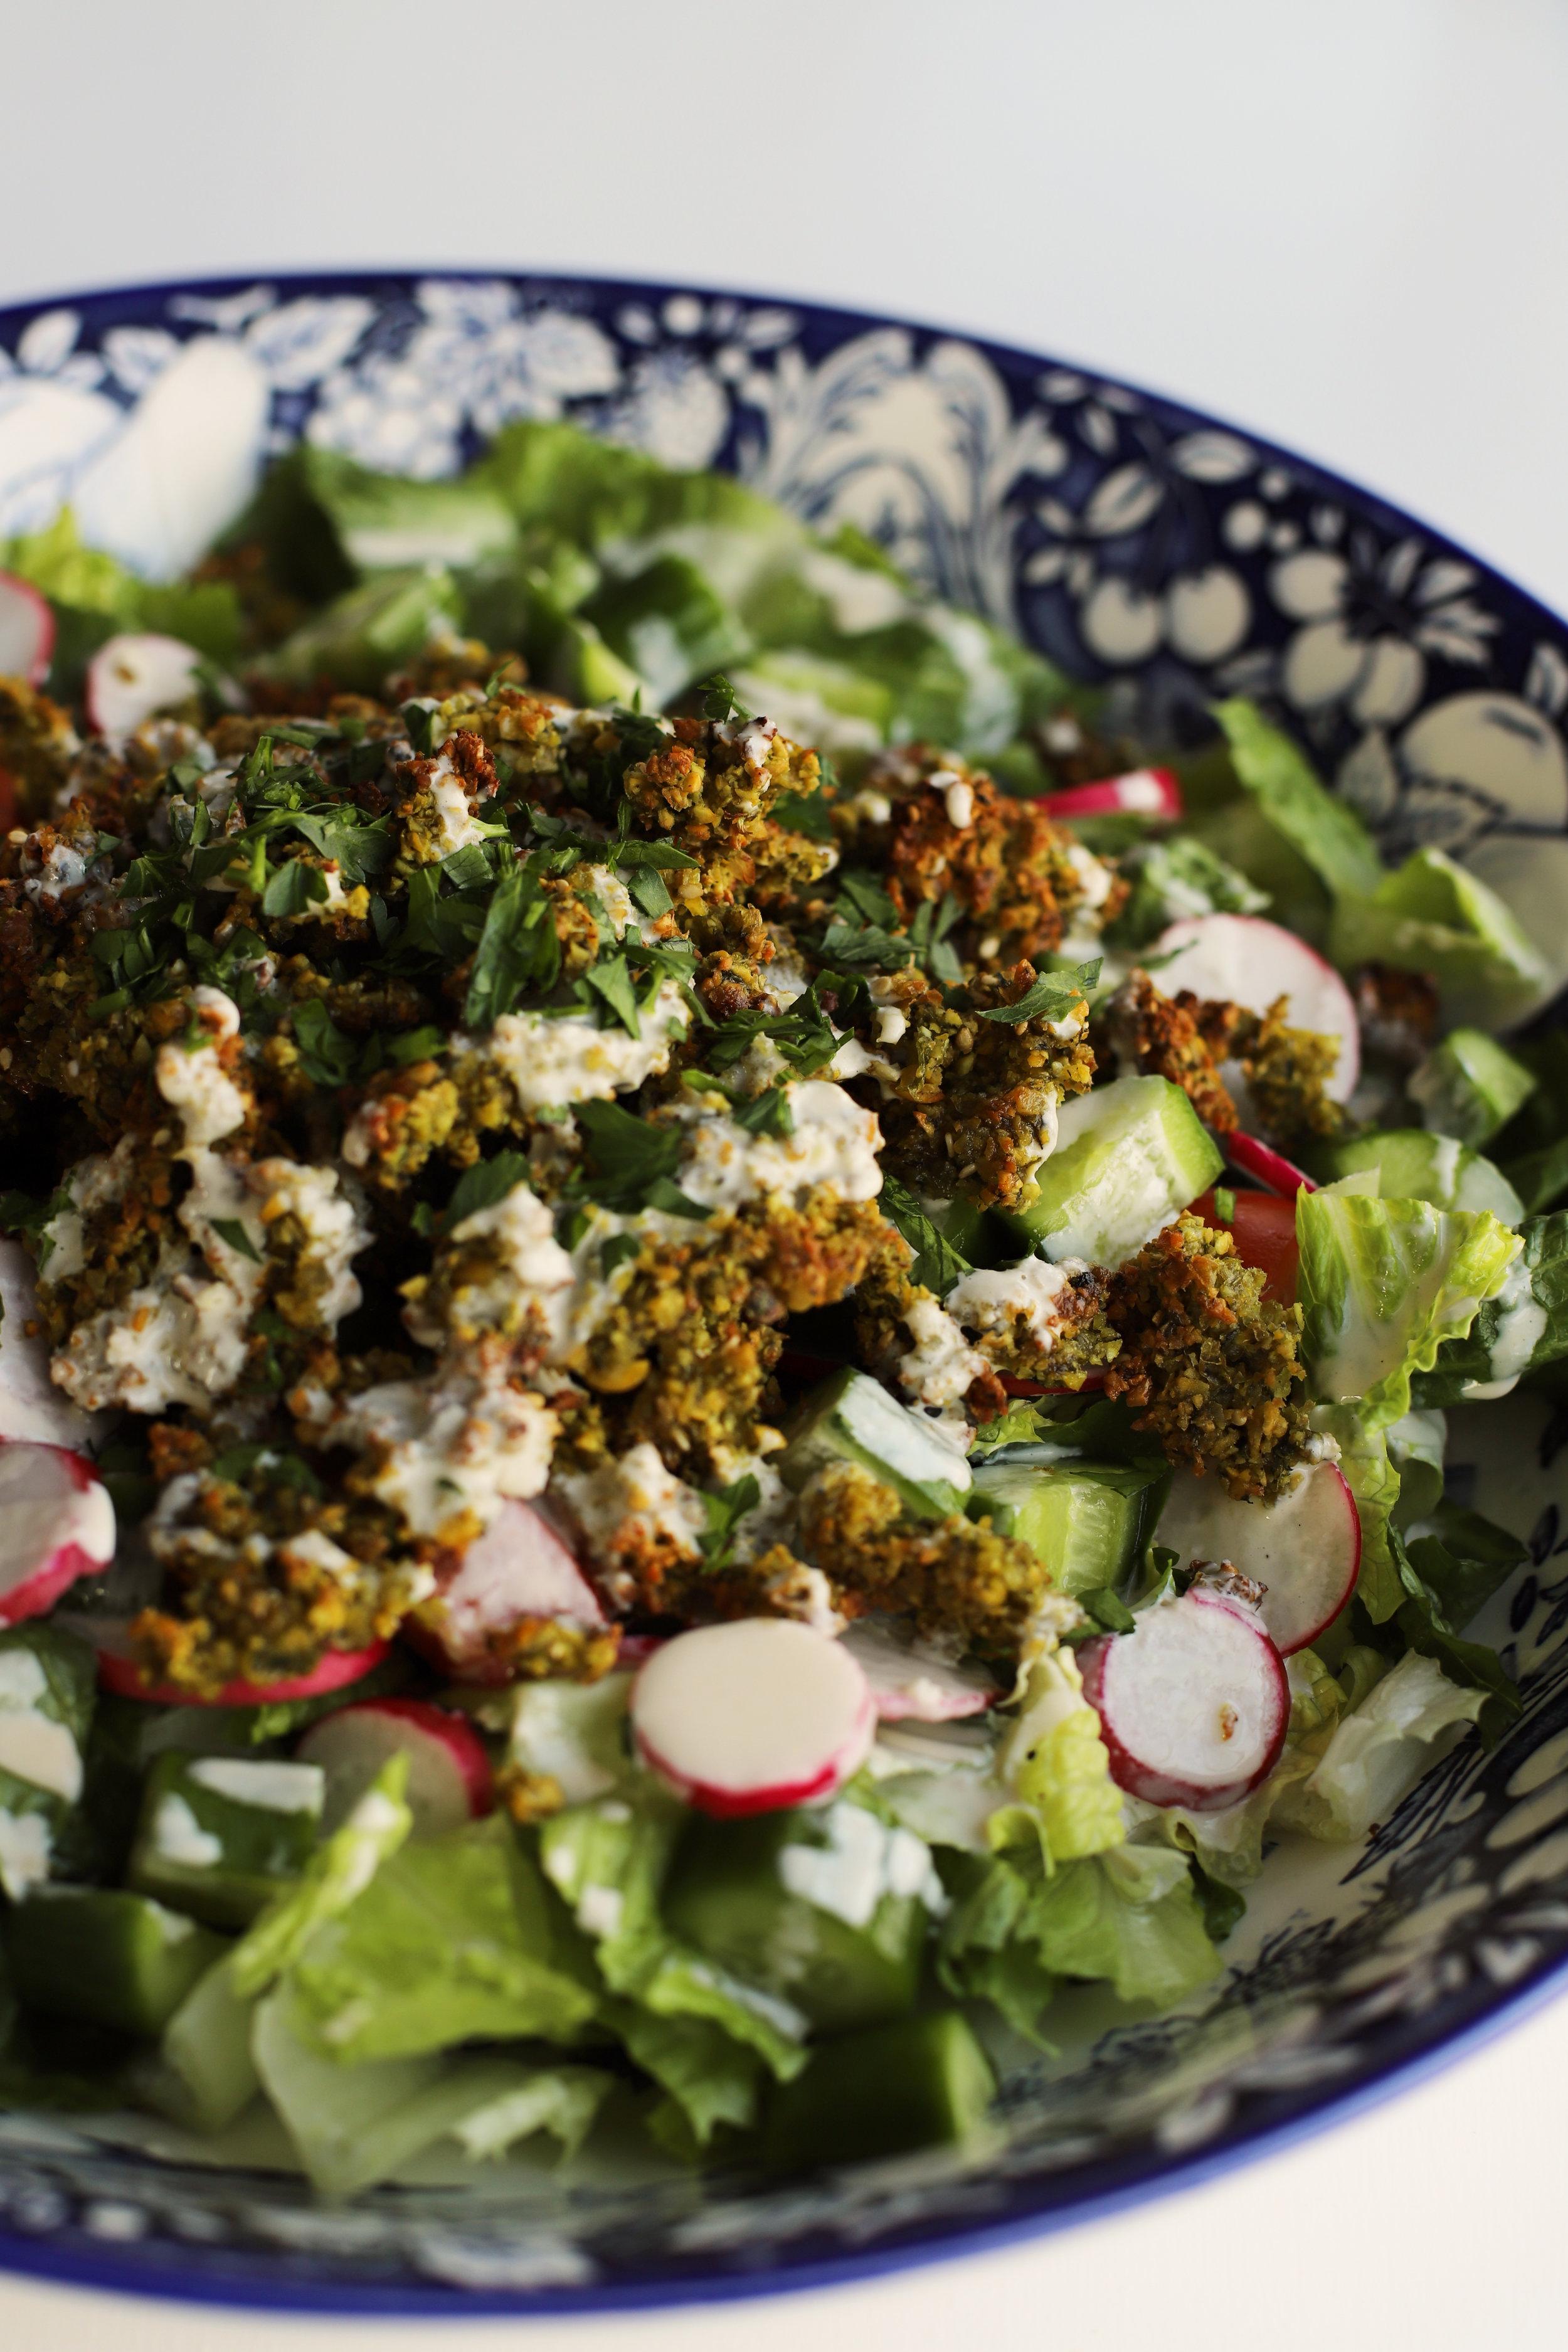 falafel crumble salad